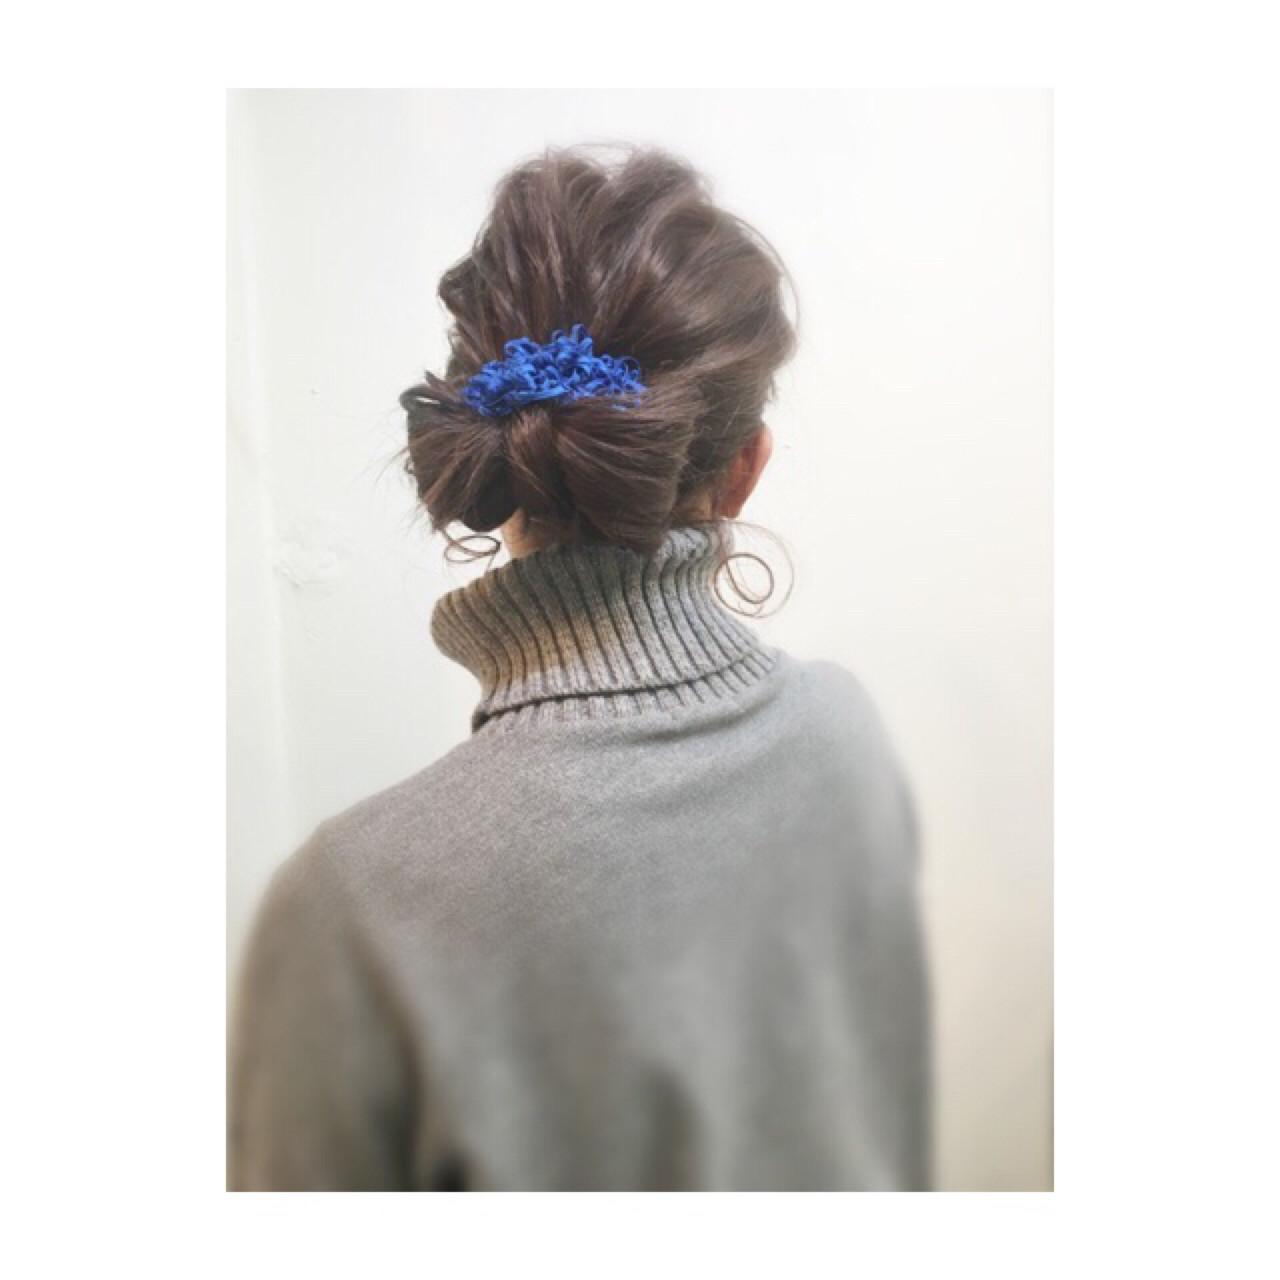 ミディアム ヘアアレンジ 簡単ヘアアレンジ 暗髪 ヘアスタイルや髪型の写真・画像 | COM PASS 太一 / COM PASS